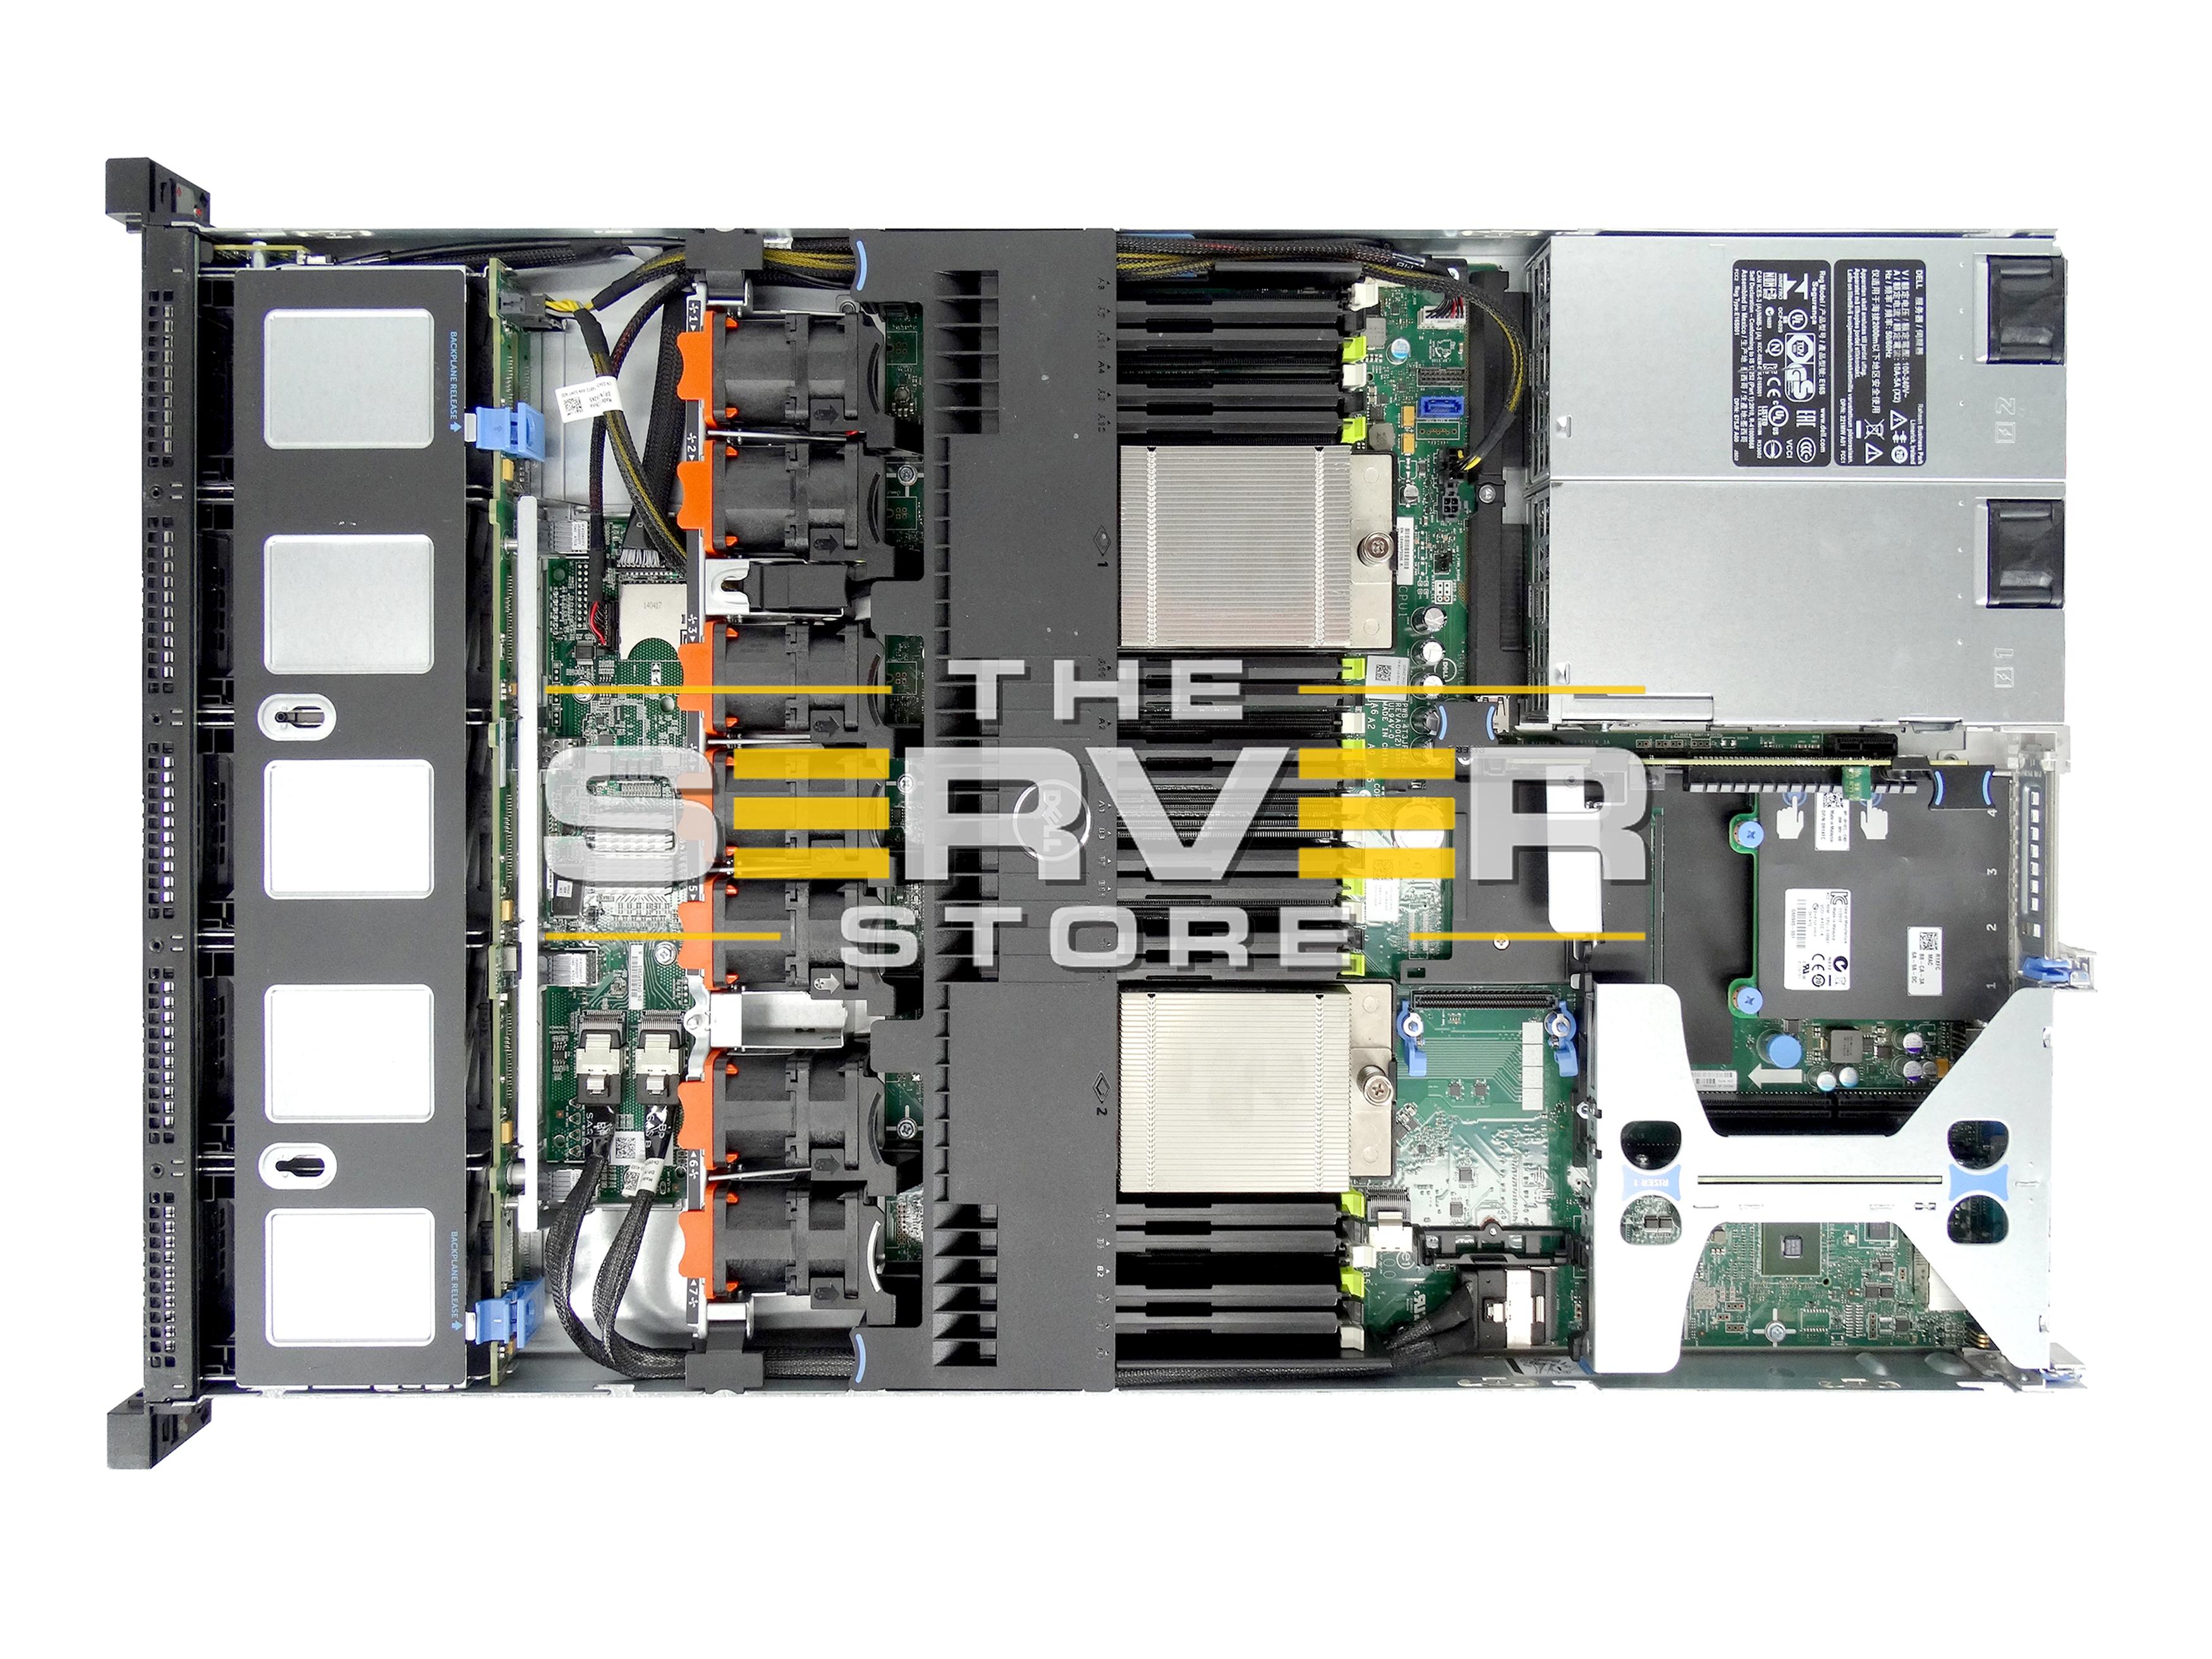 Dell PowerEdge R620 12-Core Virtualization Server Special!